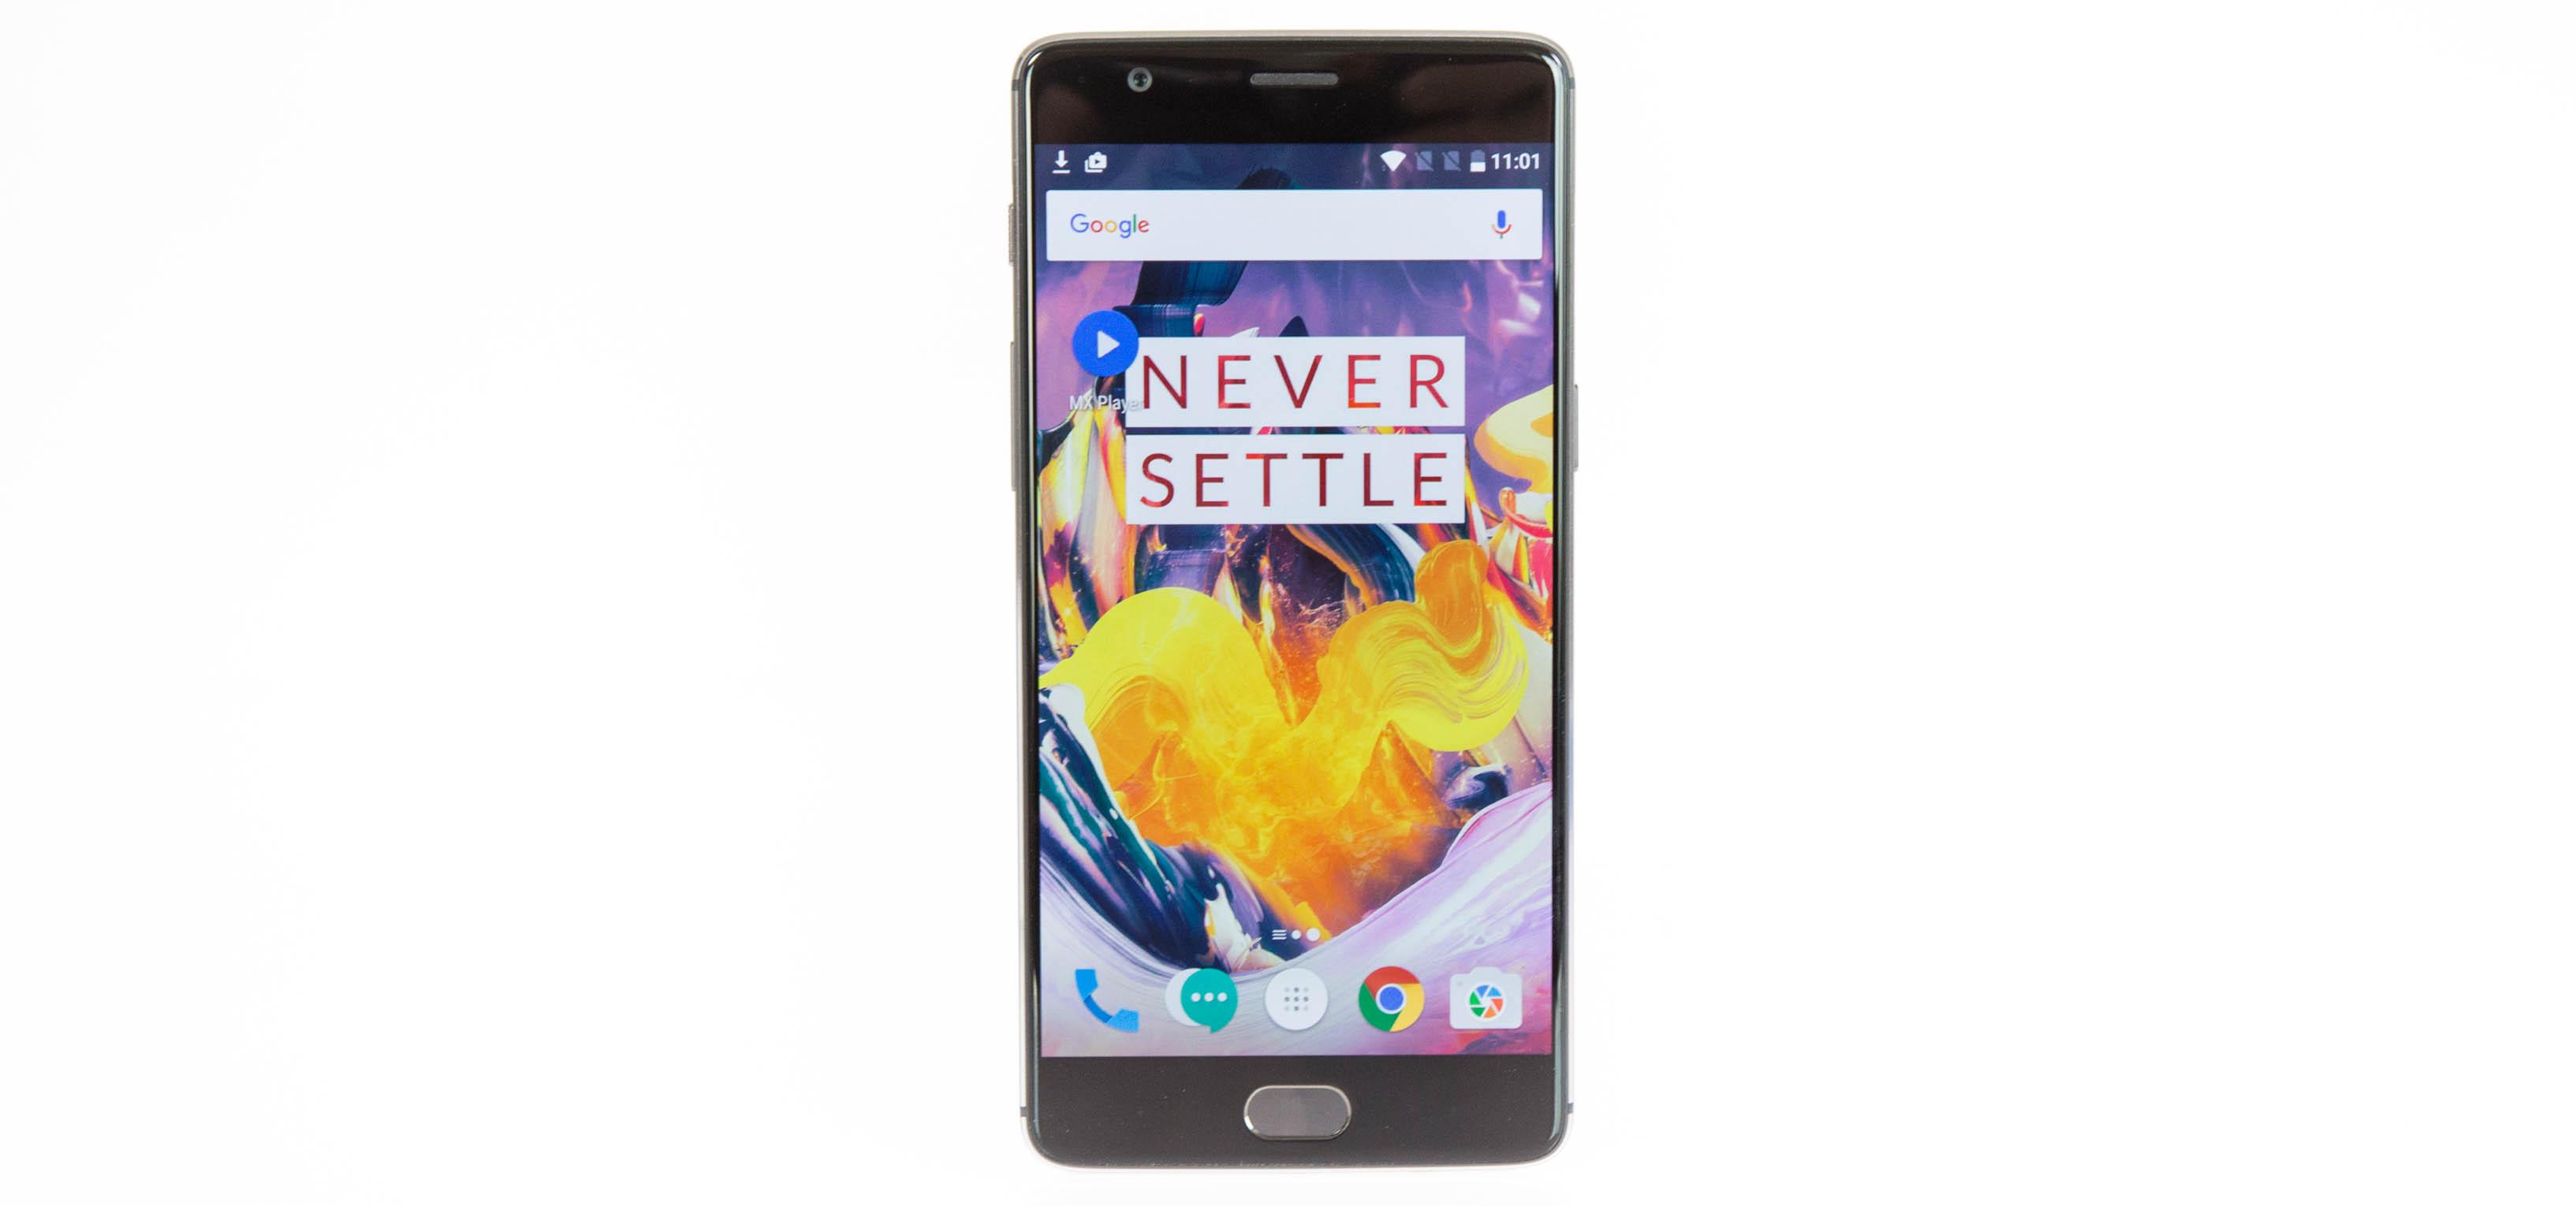 Smartphone: Oneplus 3T mit 128 GByte wird nicht zu Weihnachten geliefert - Das neue 3T von Oneplus (Bild: Martin Wolf/Golem.de)